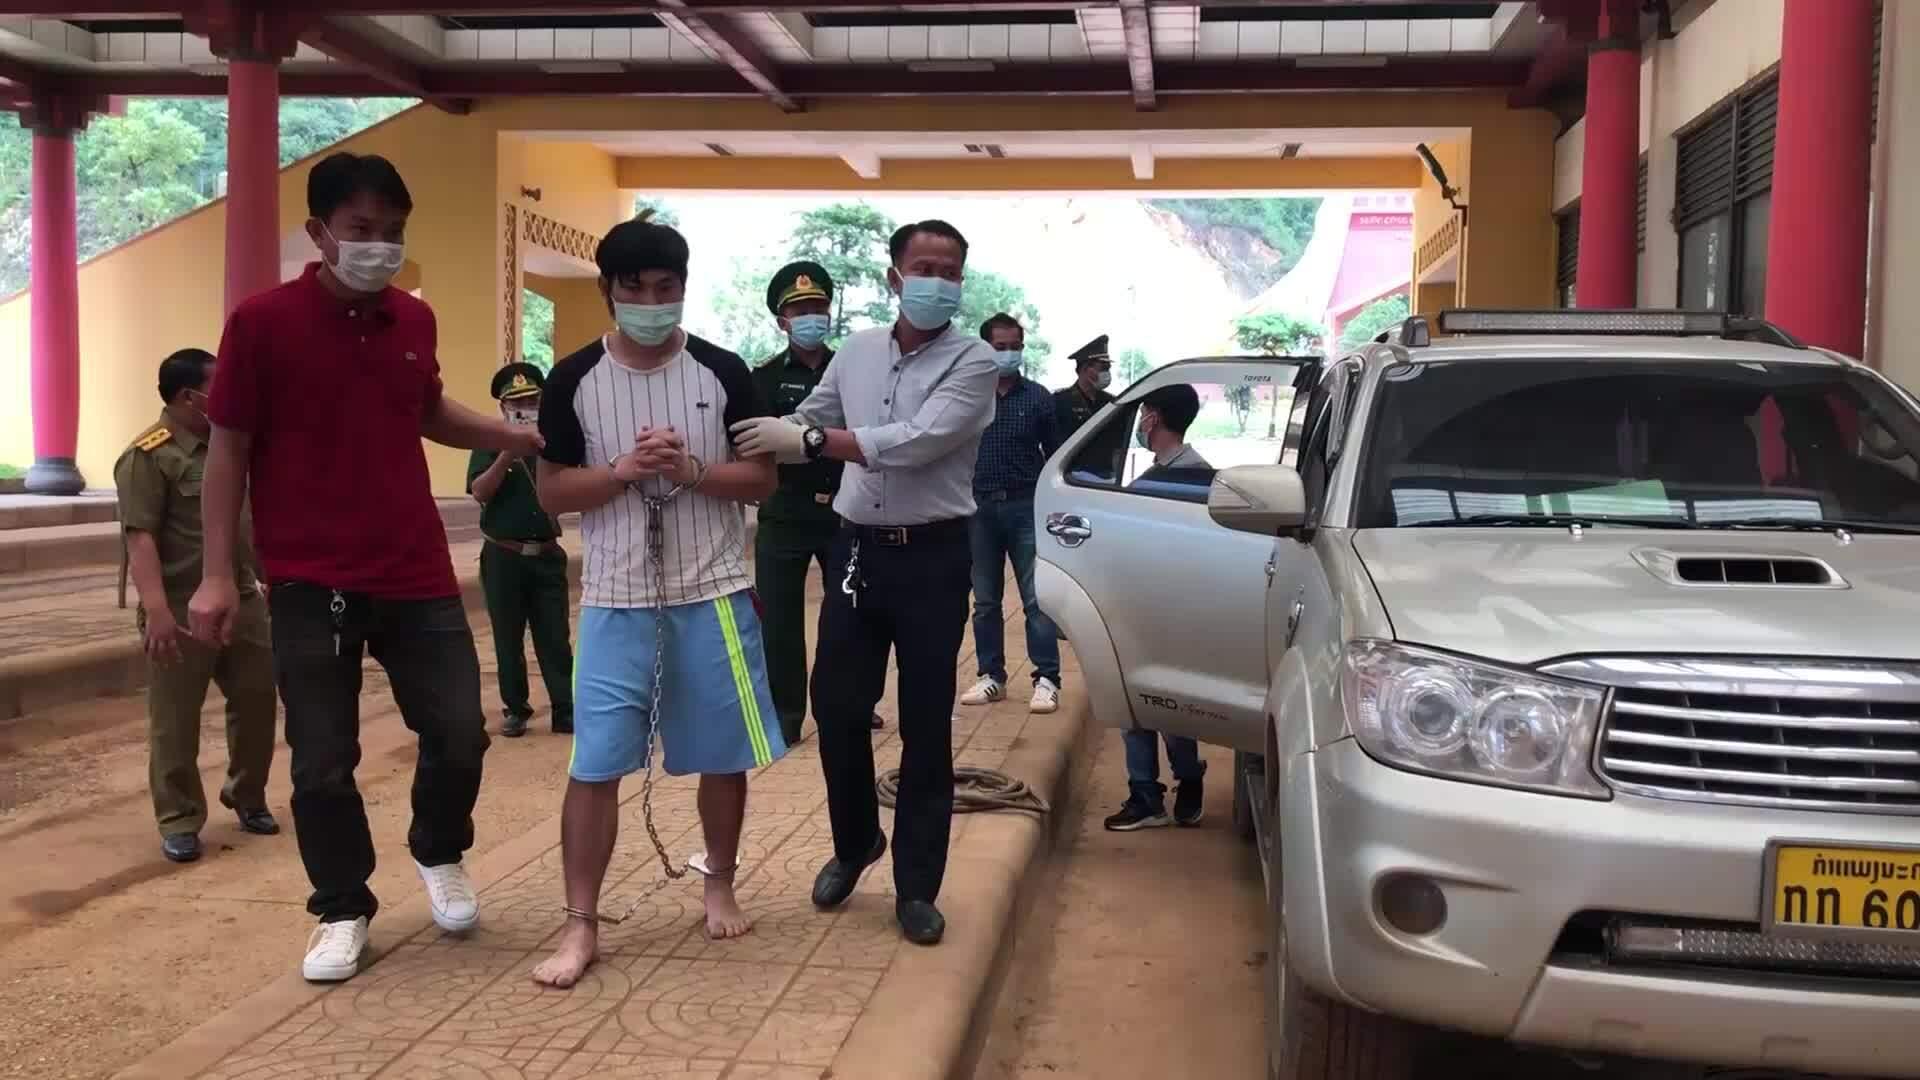 Kẻ vận chuyển 250kg ma tuý bị bắt sau một năm trốn sang Lào